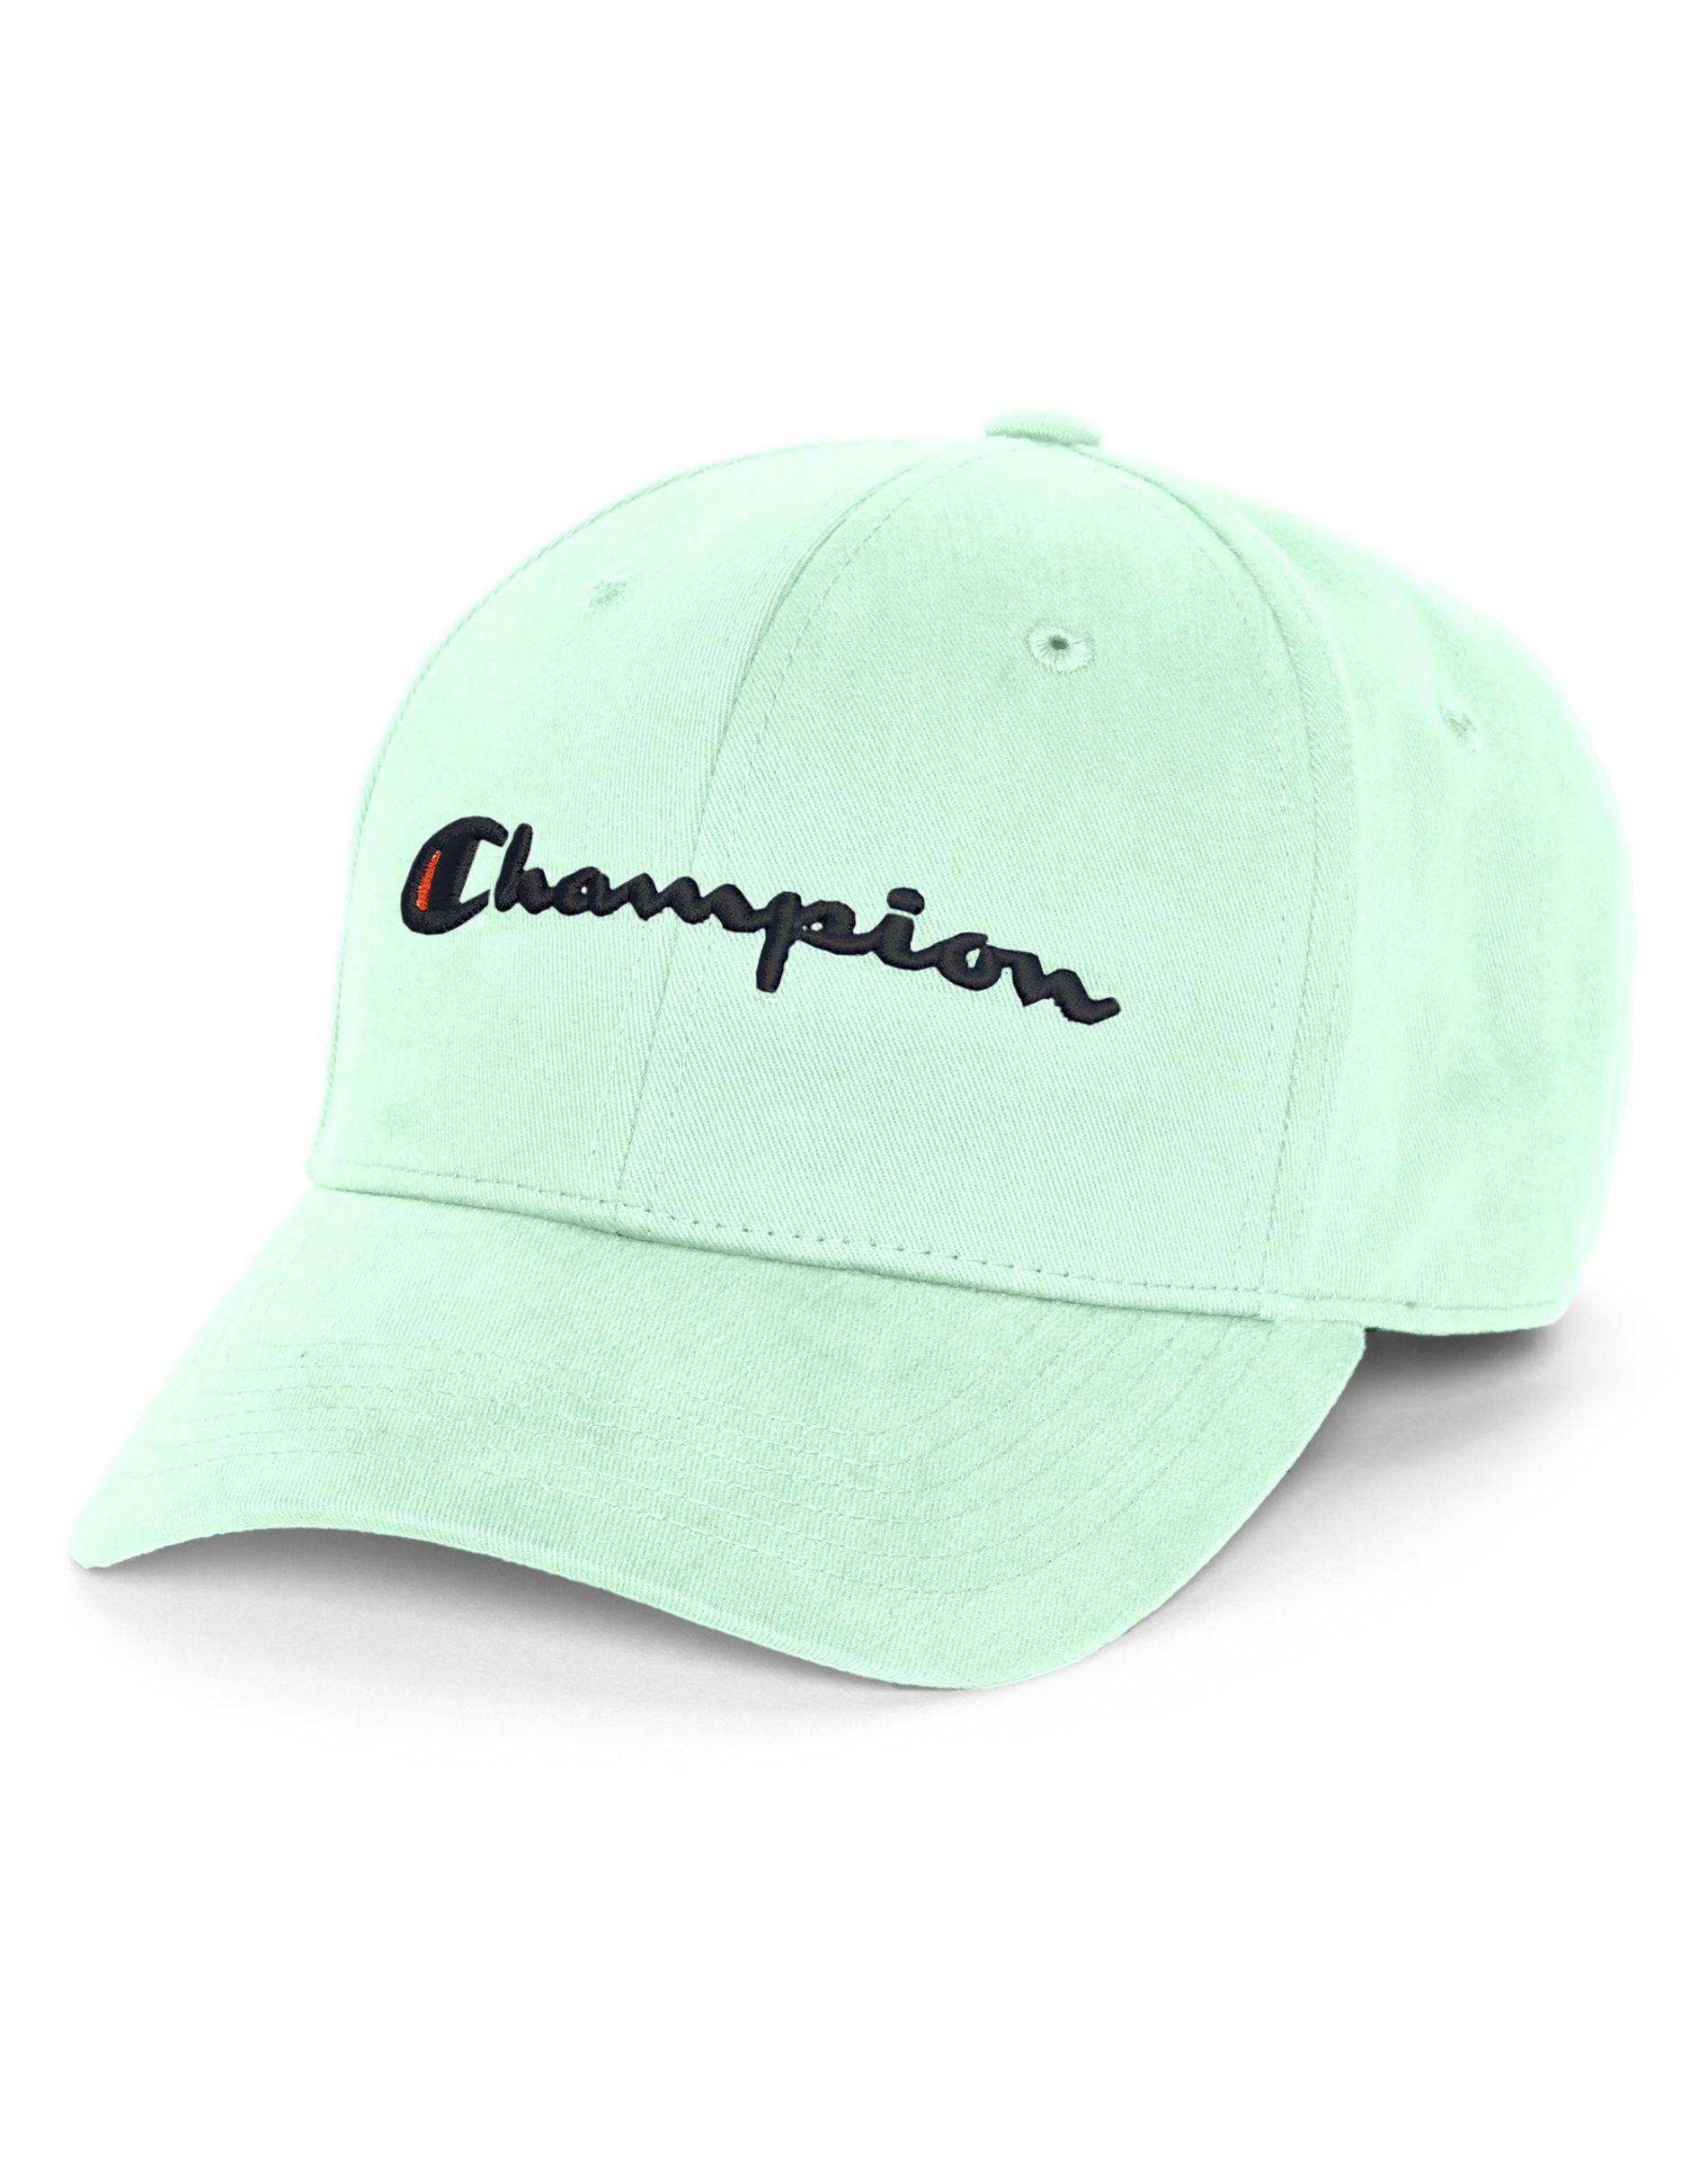 8f3263907769a Champion - Green Life® Classic Twill Hat